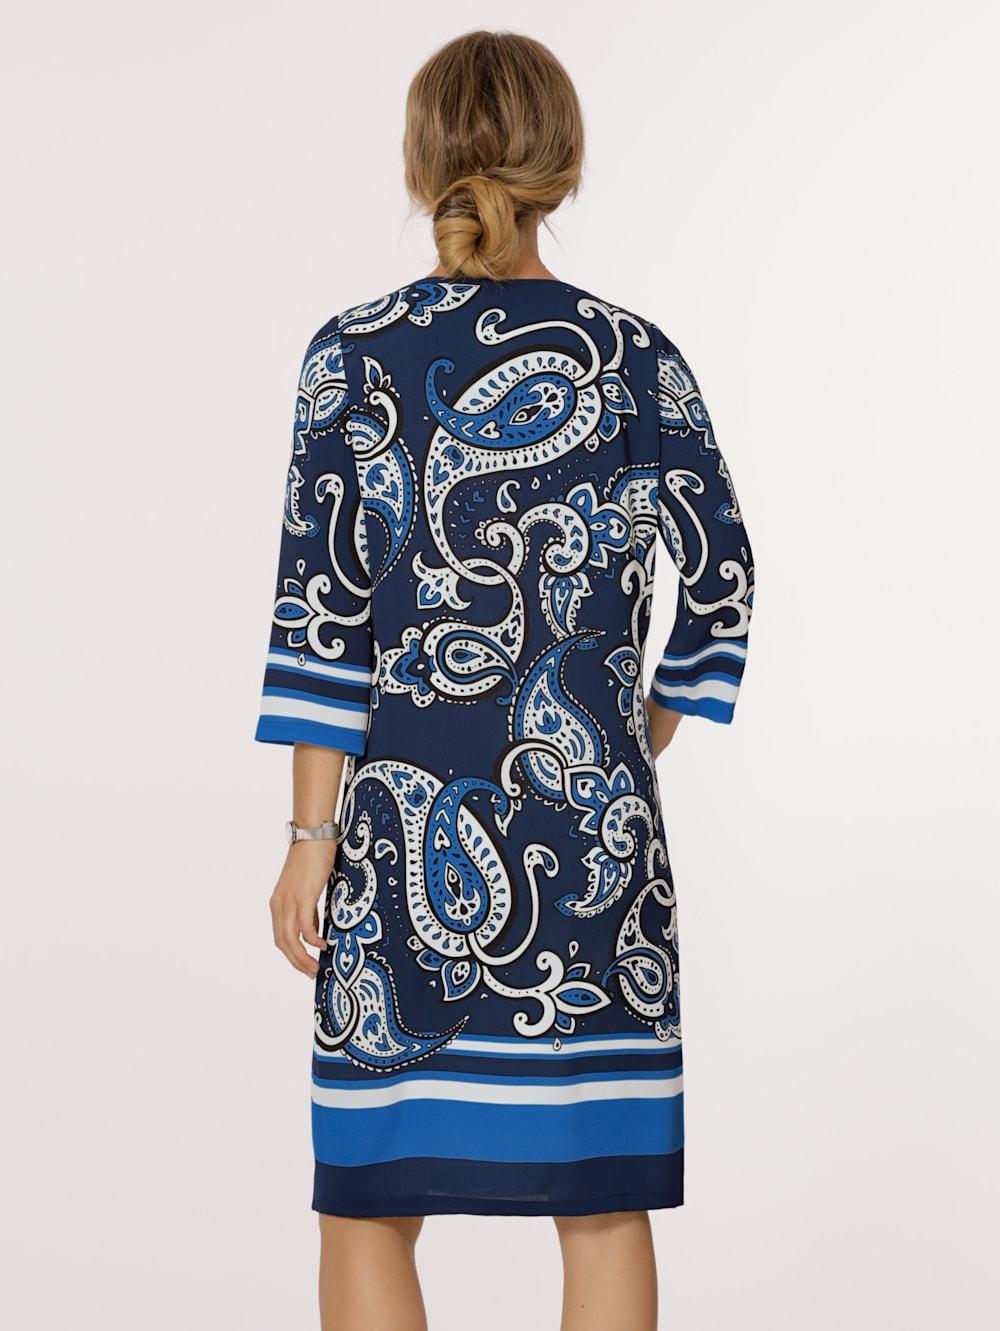 mona kleid mit platziertem paisley-druck | klingel